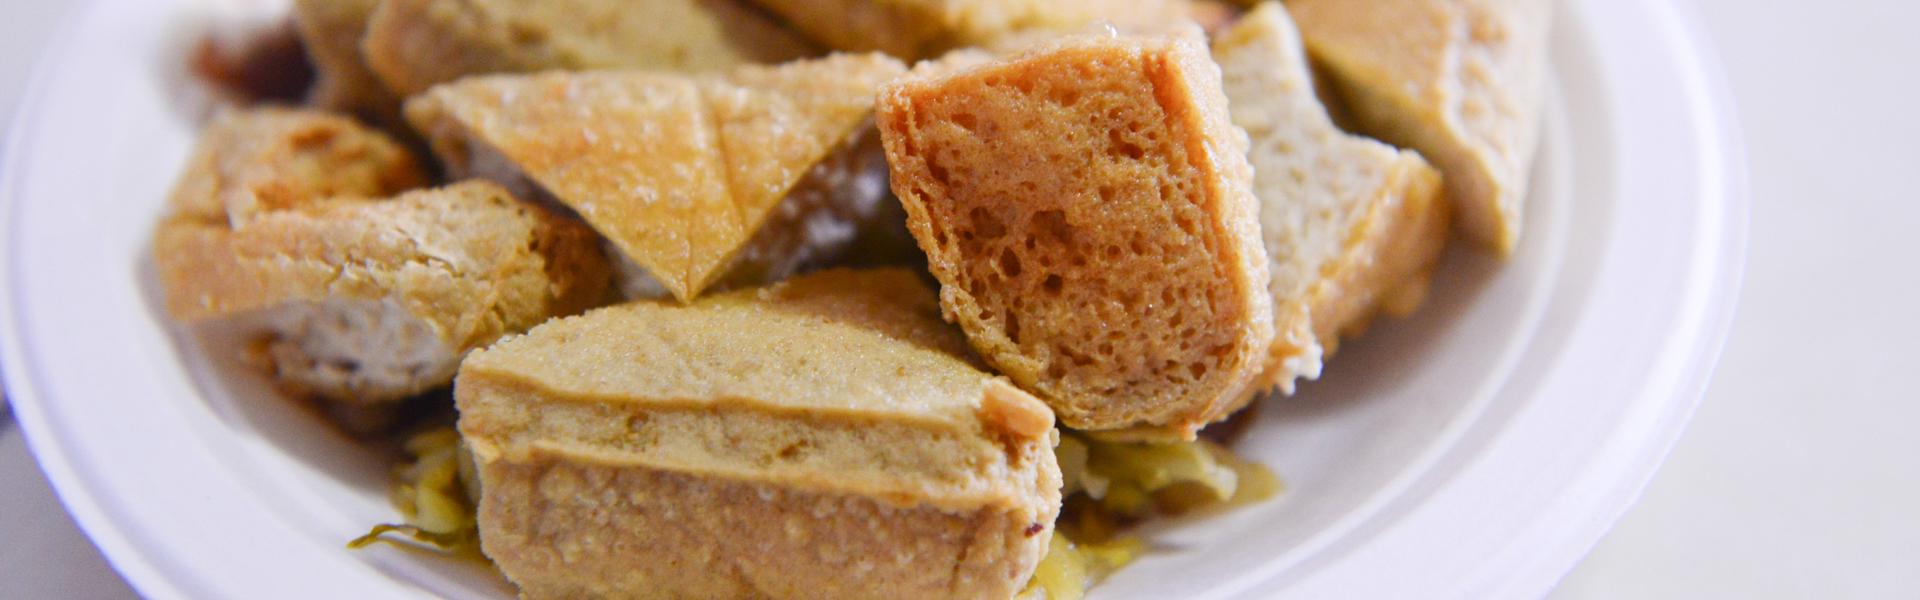 冬山老街小吃 吃透透~許家米粉羹臭豆腐、金珠蔥油餅、郭媽媽蔥油餅、童趣豆花、小風箏雪花冰